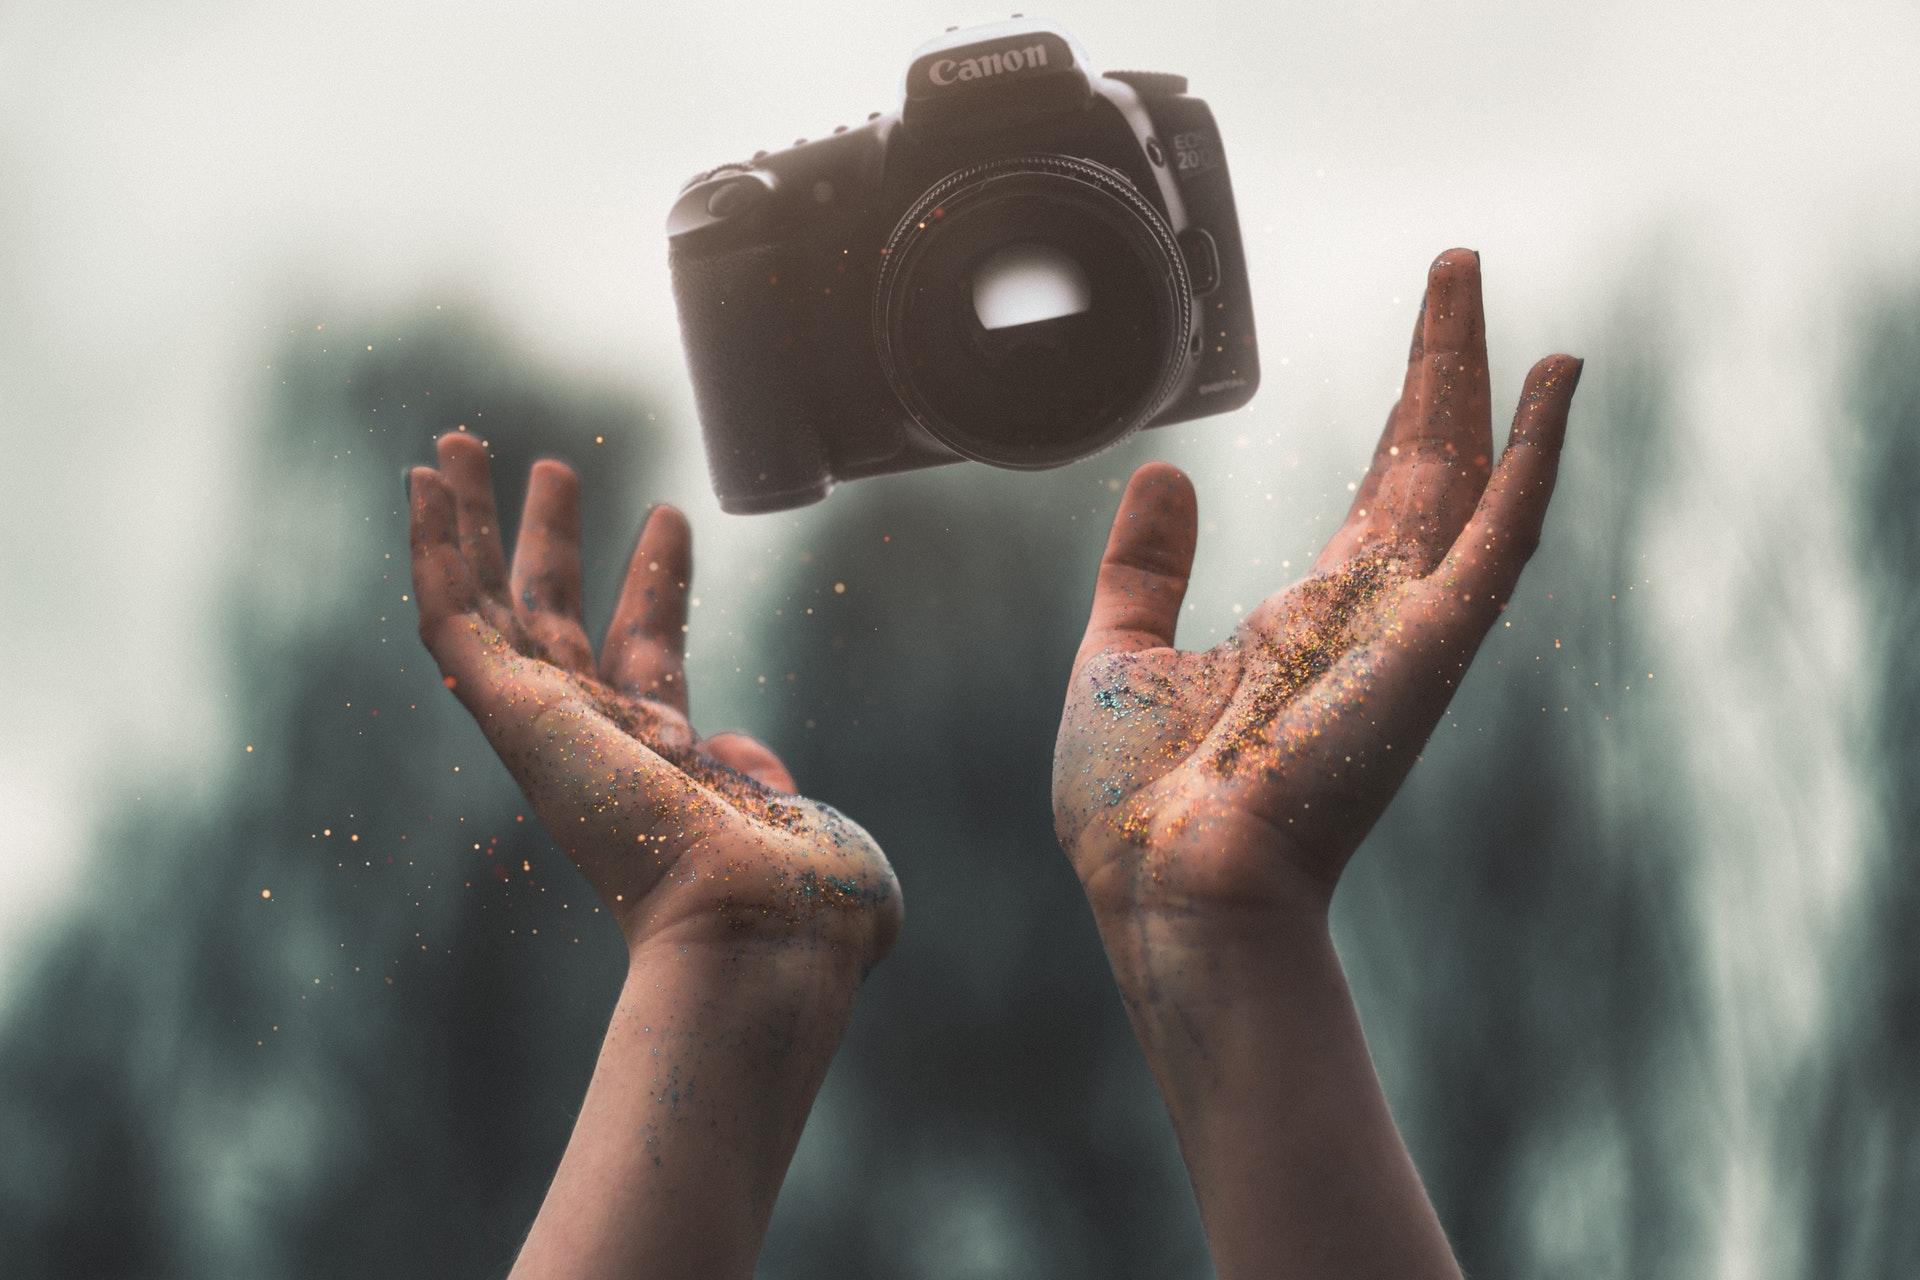 Kamera Prosumer Terbaik Harga 6-7 Jutaan